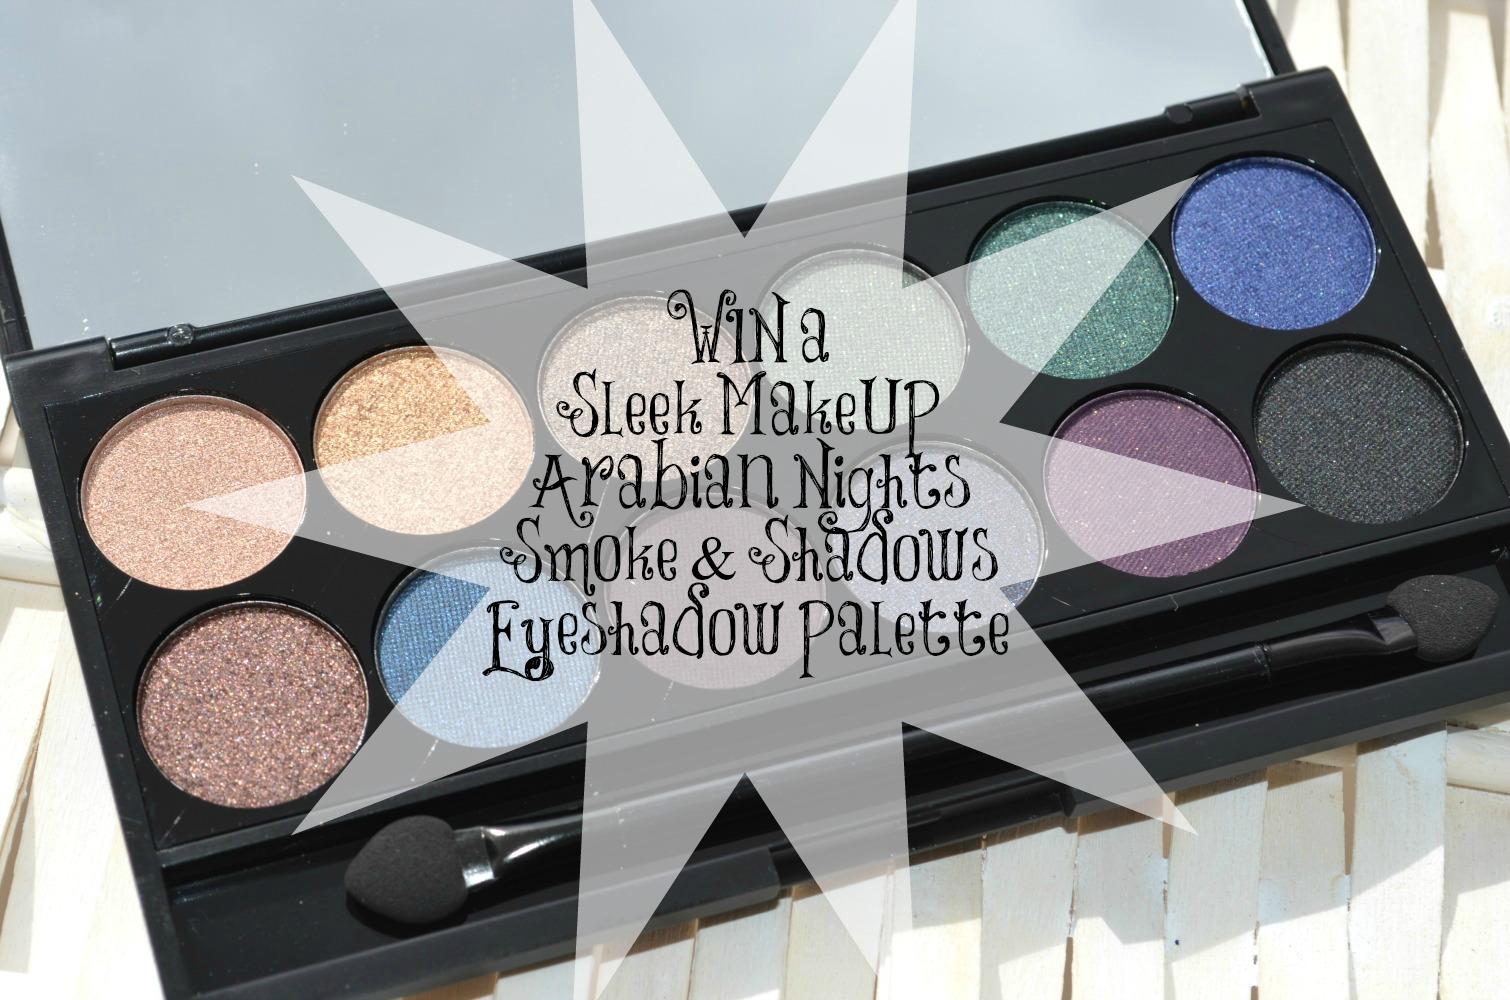 Sleek Arabian Nights Smoke & Shadows Eyeshadow Palette Review & GIVEAWAY!